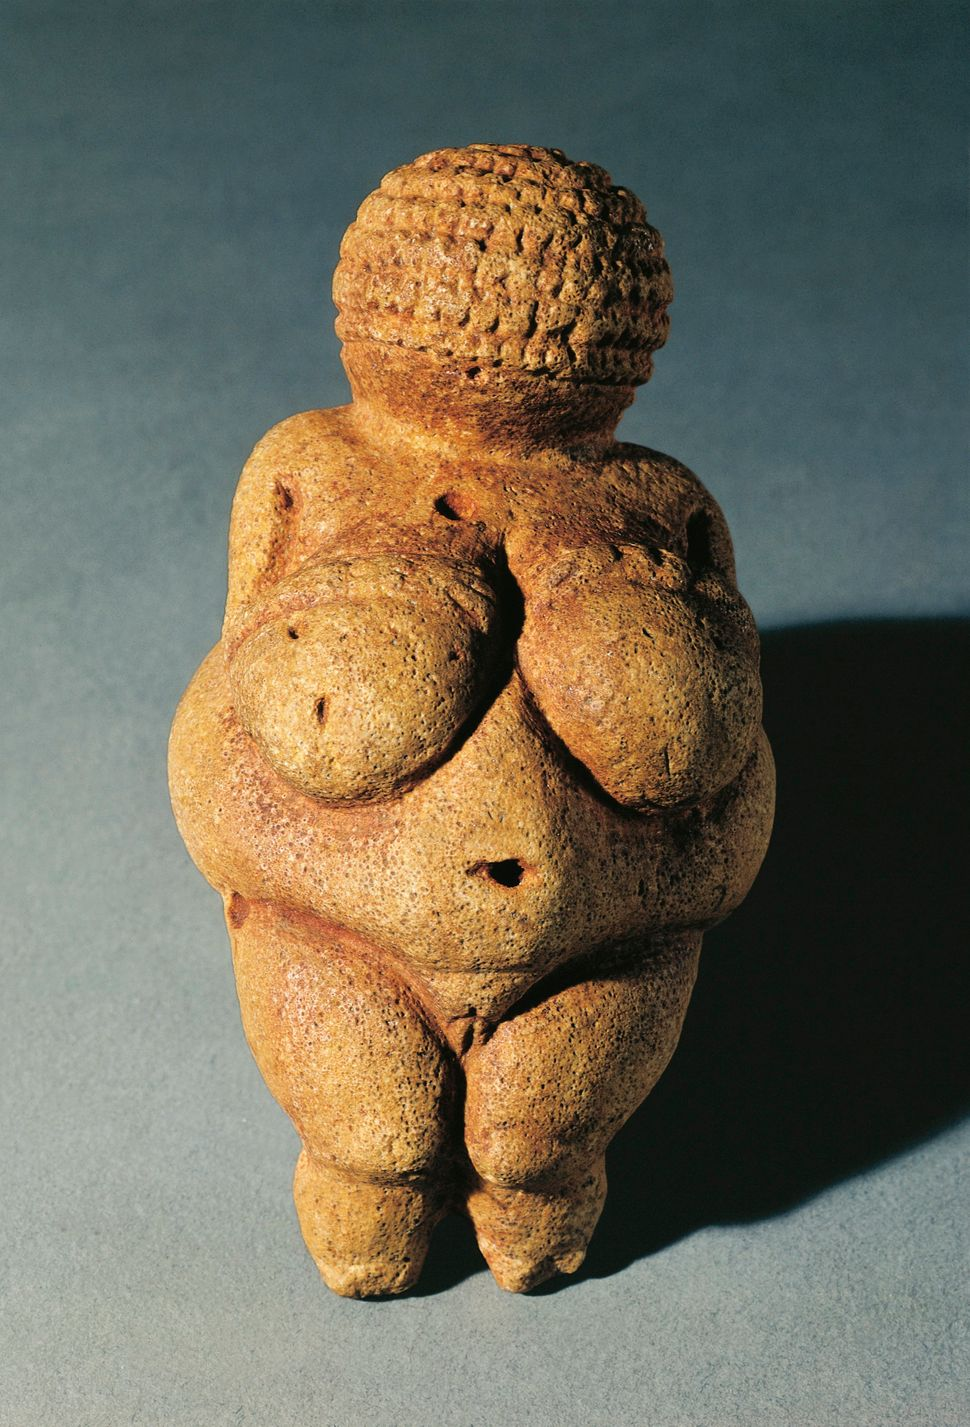 The Venus of Willendorf